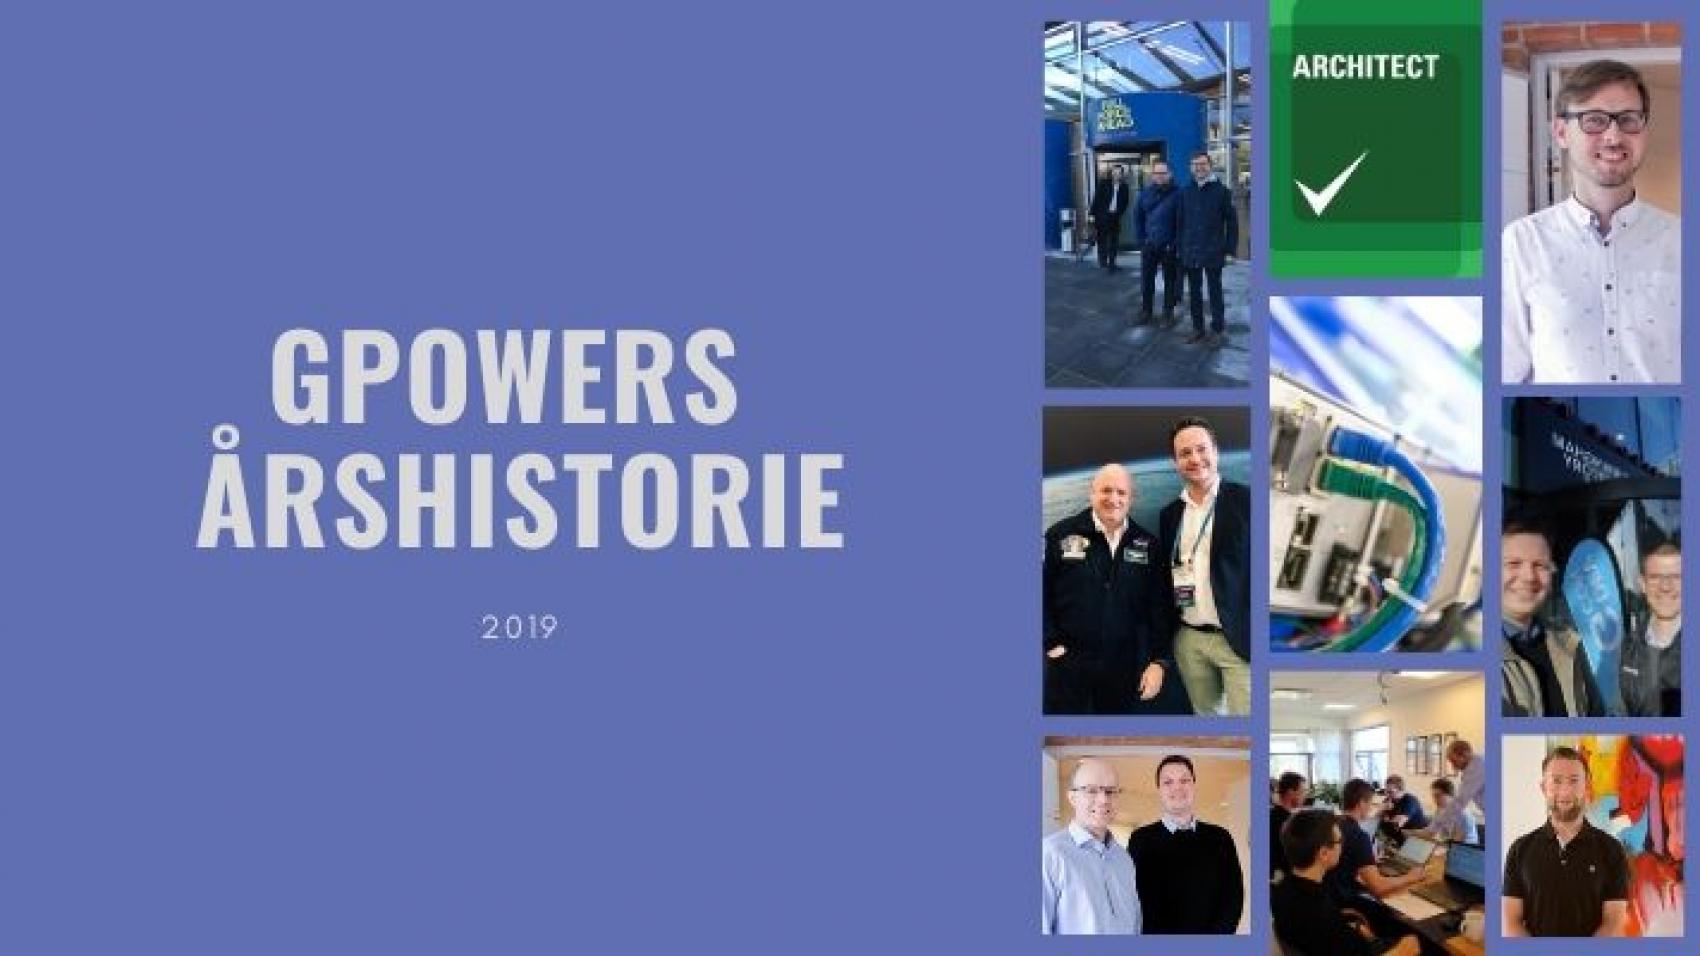 aarshistorie-gpower-2019